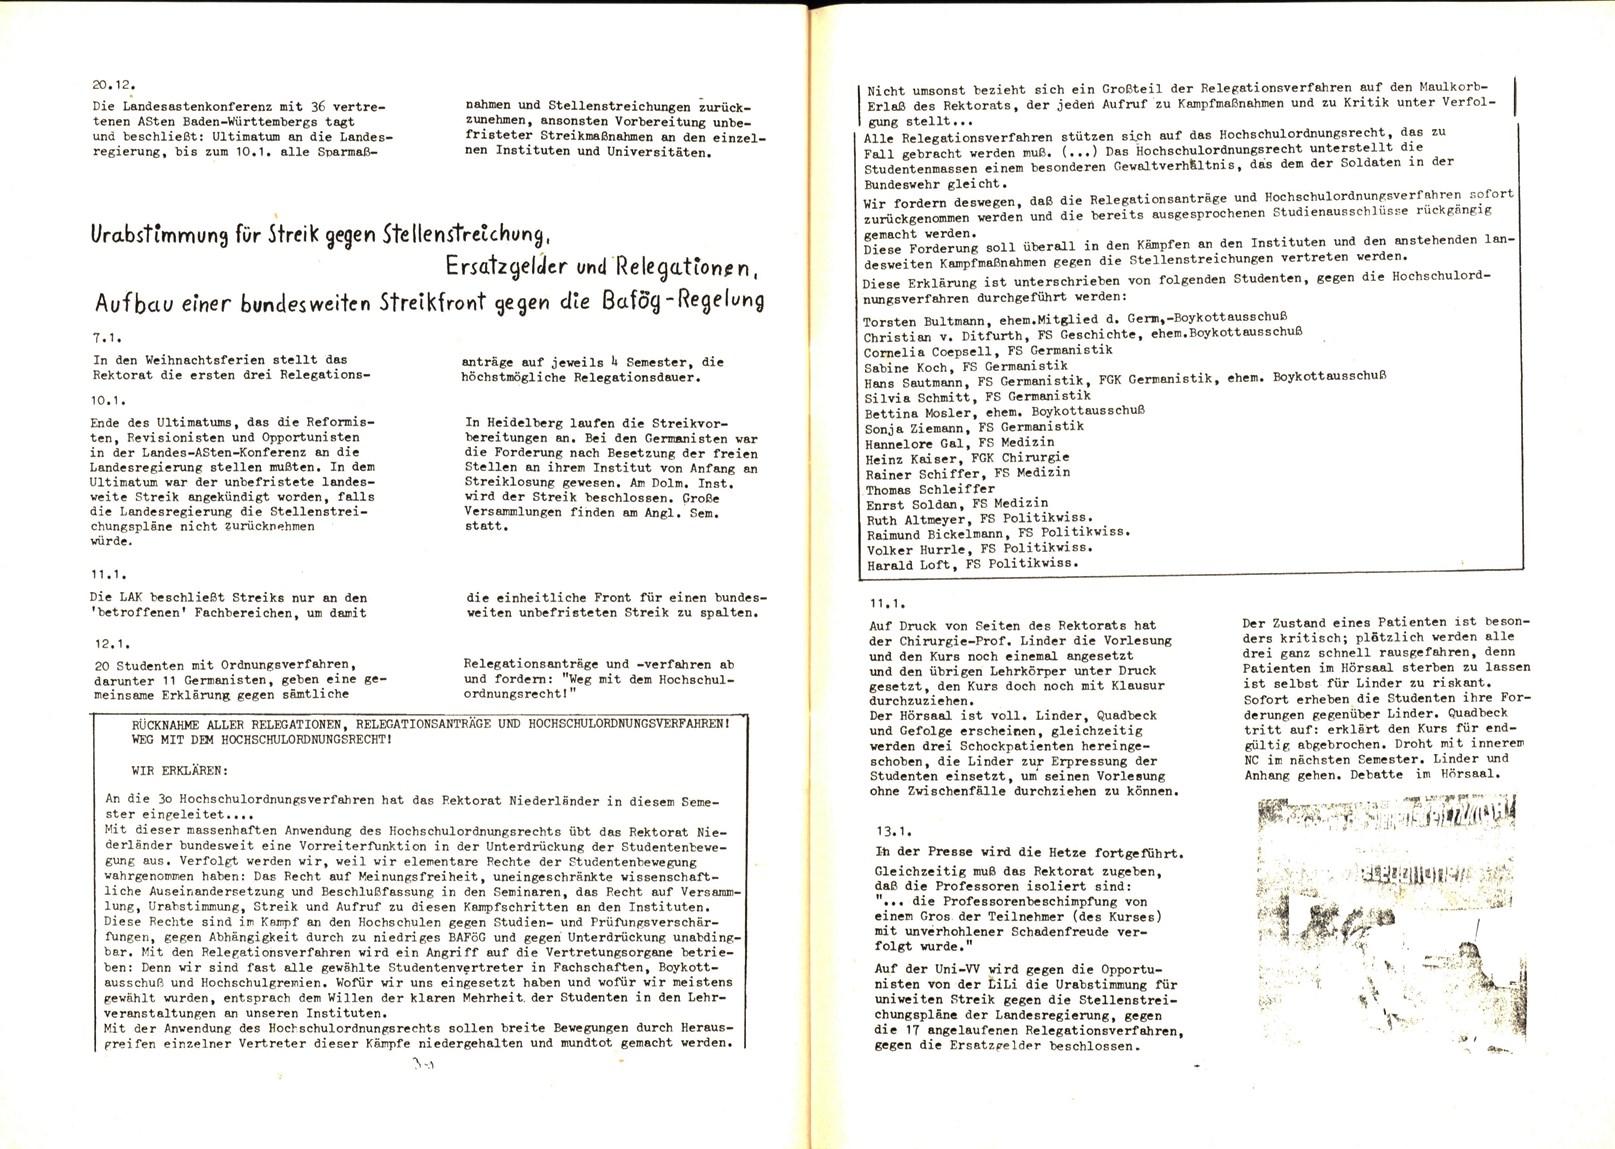 Heidelberg_KHG_1977_Chronik_WS_1976_77_21